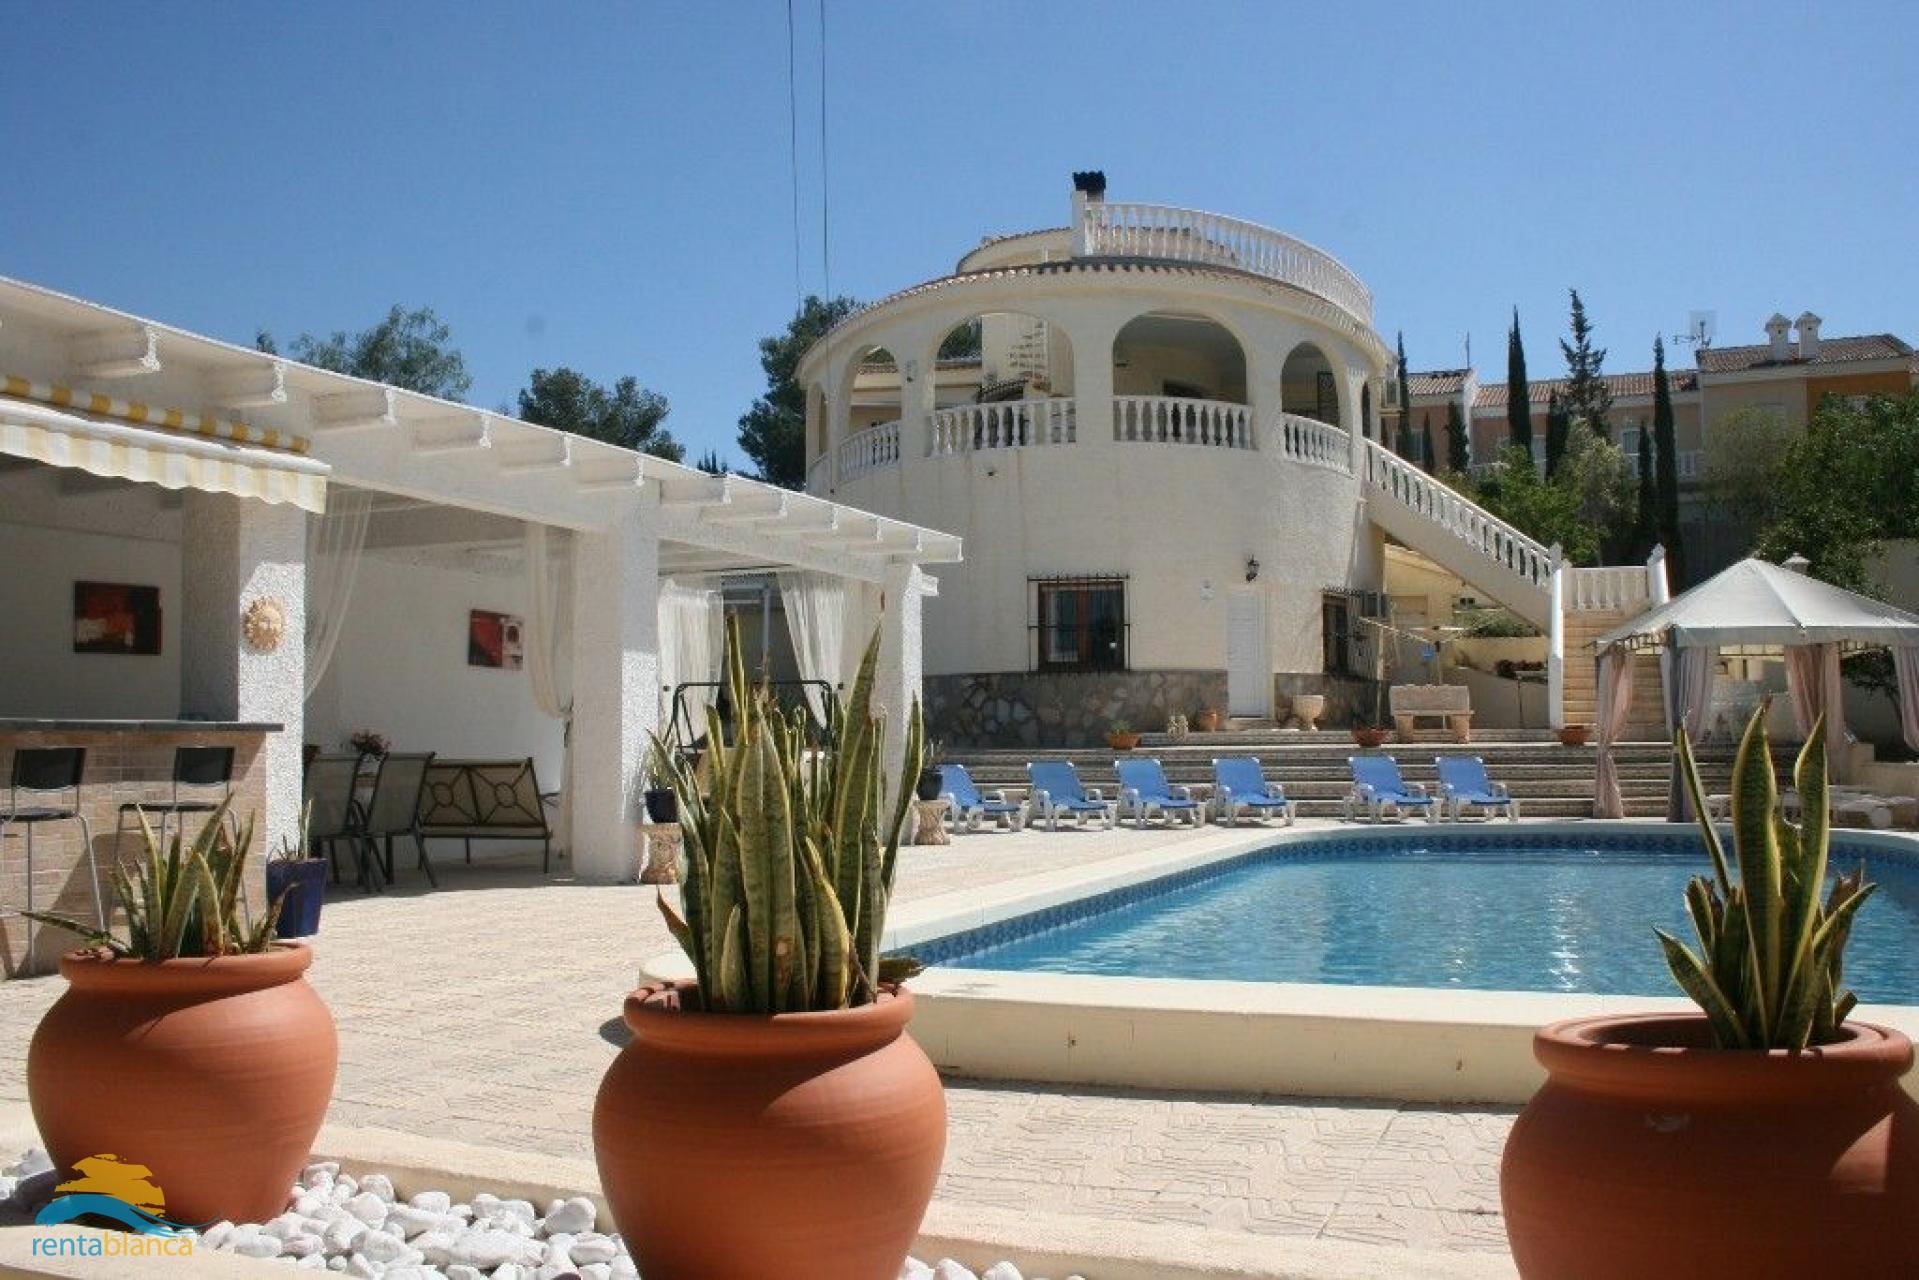 Spacious villa  - Rentablanca